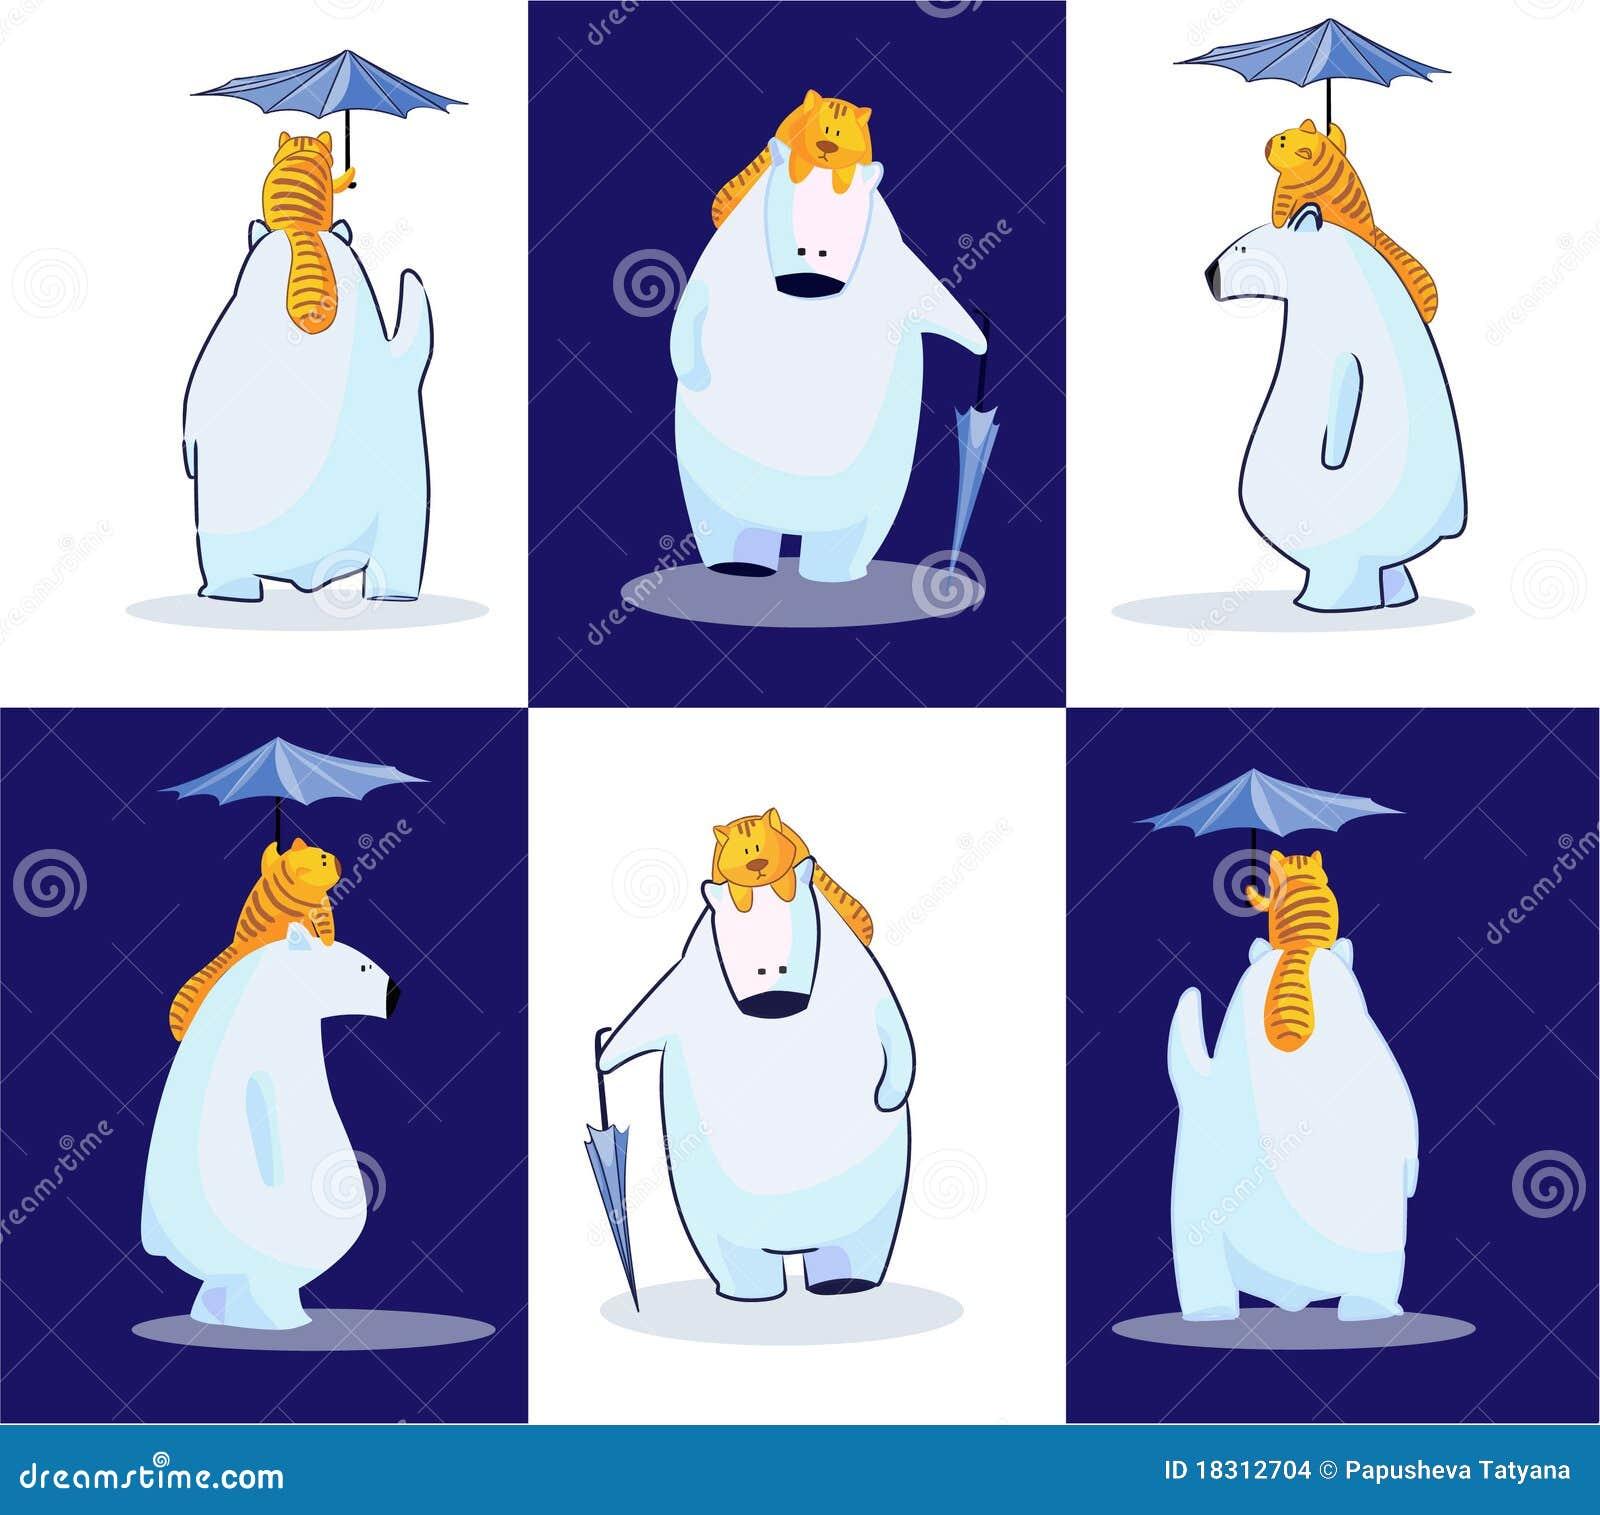 Oso polar, su gato y su paraguas